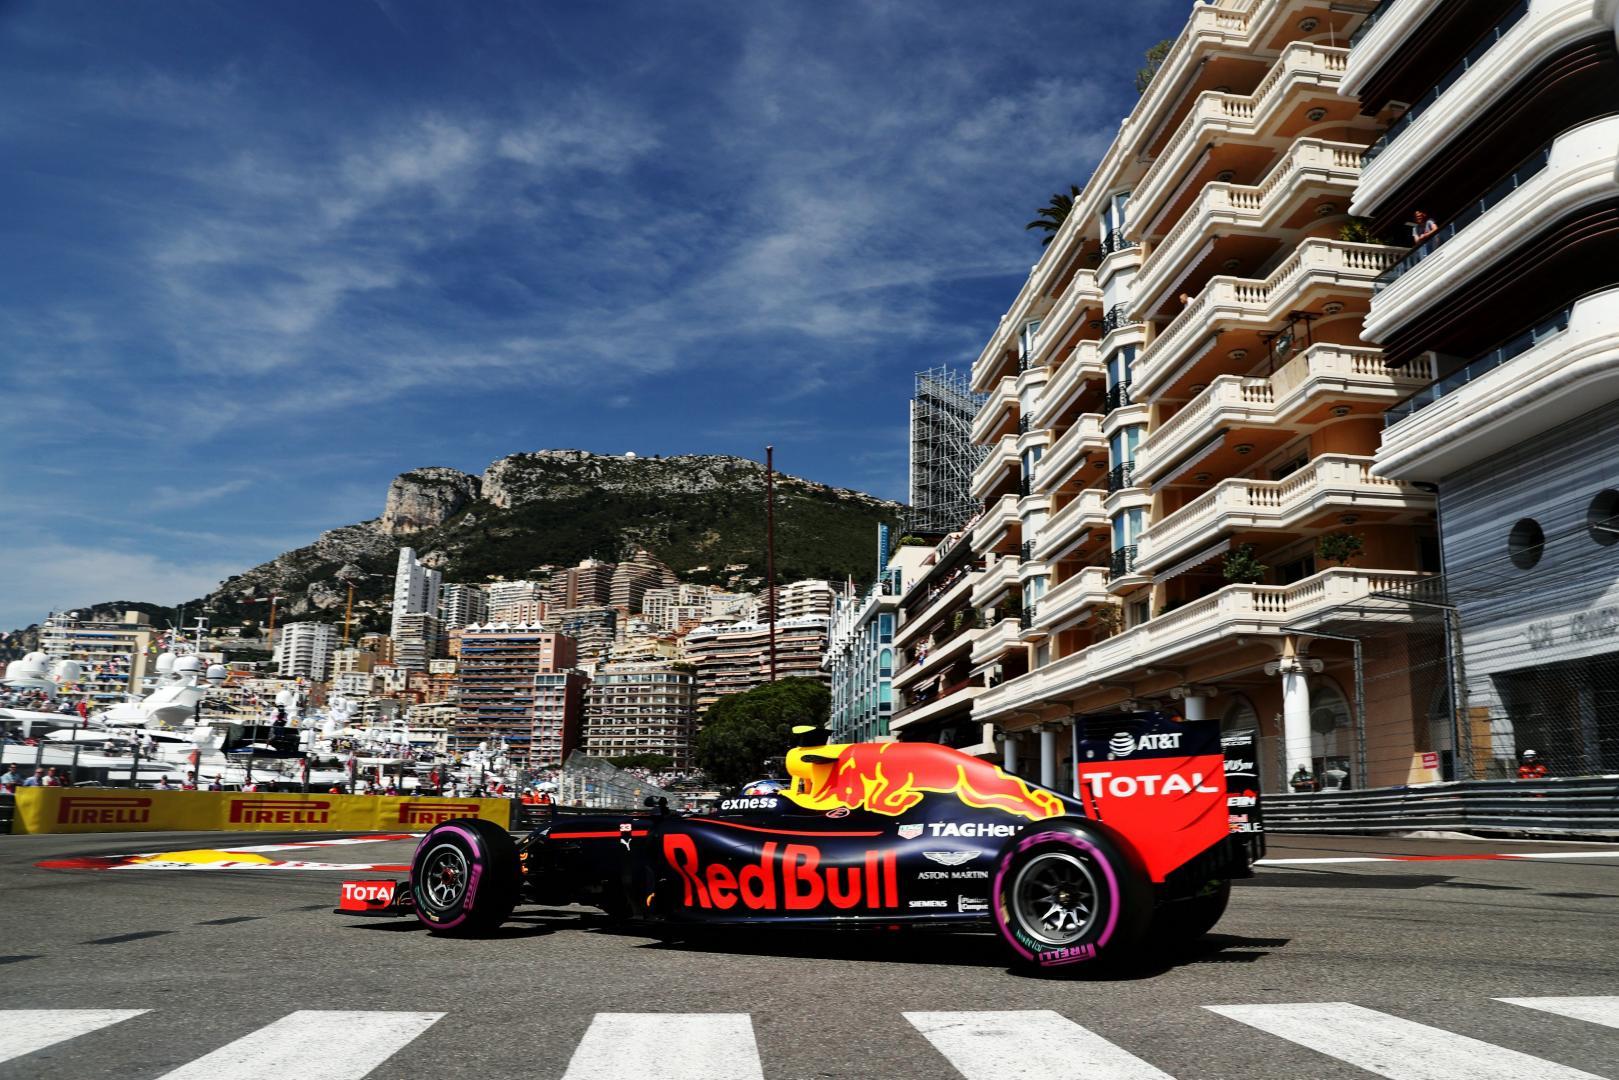 Kwalificatie Gp Van Monaco Max Verstappen Crasht Topgear